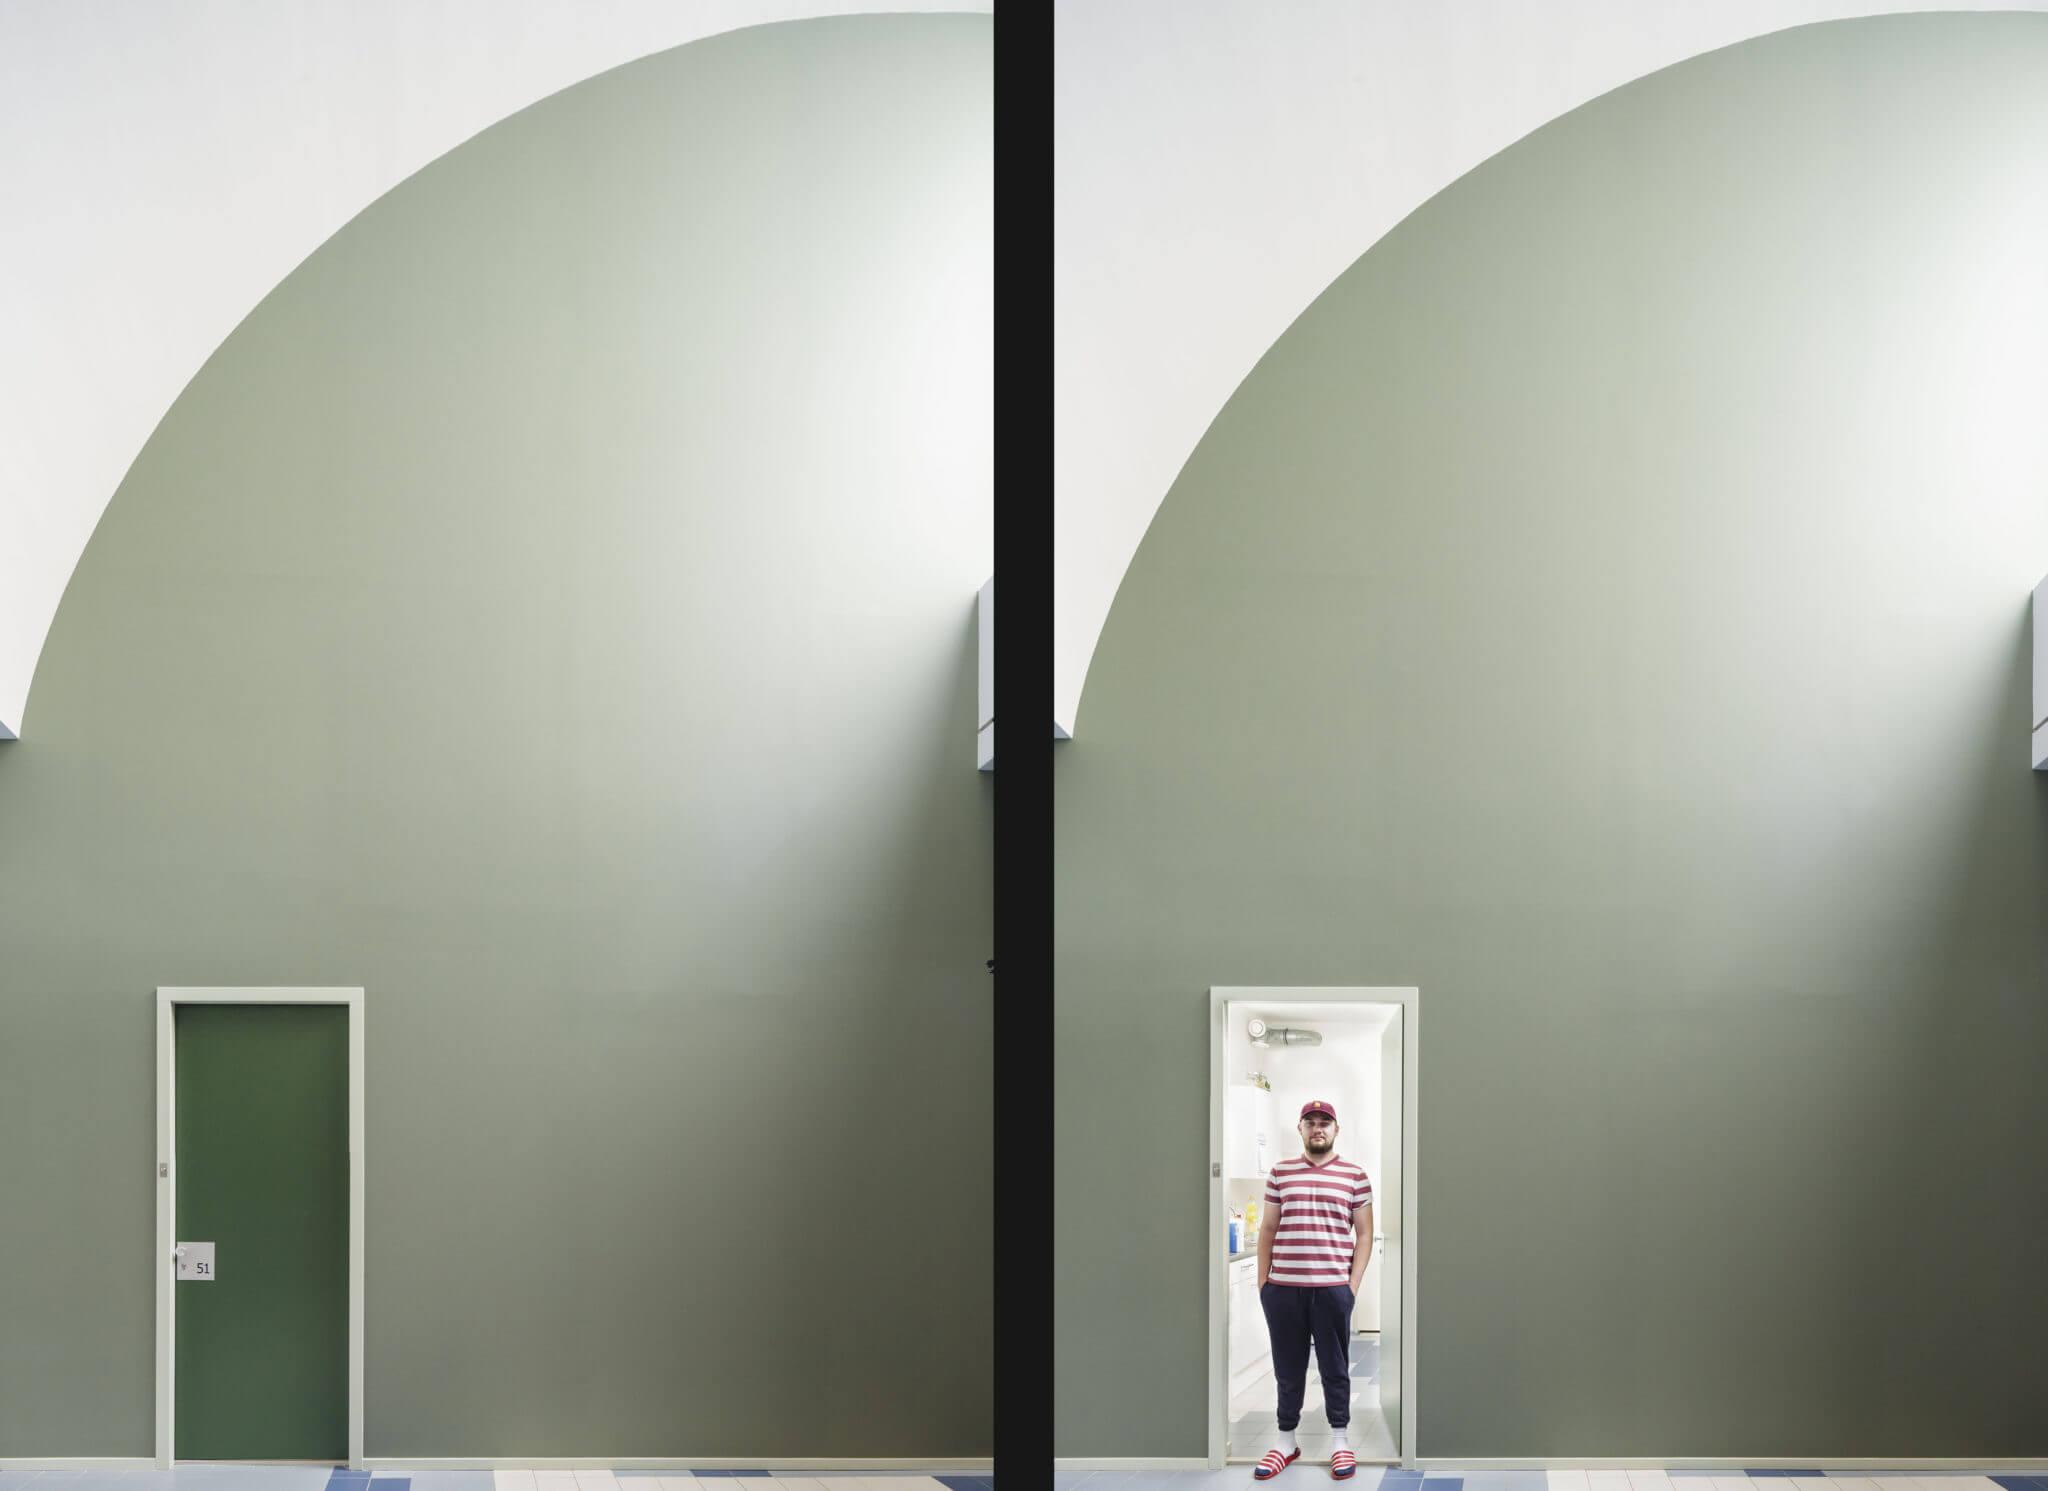 Woonbedrijf transformatie herbestemming Eindhoven Brainport kantoor tegelvloer kleurgebruik kleur kunstenaar Struycken Peter binnenruimte kleurpalet kunst woonwinkel TNS circulair materiaalgebruik flexwonen atrium sheds natural step Rijswijck